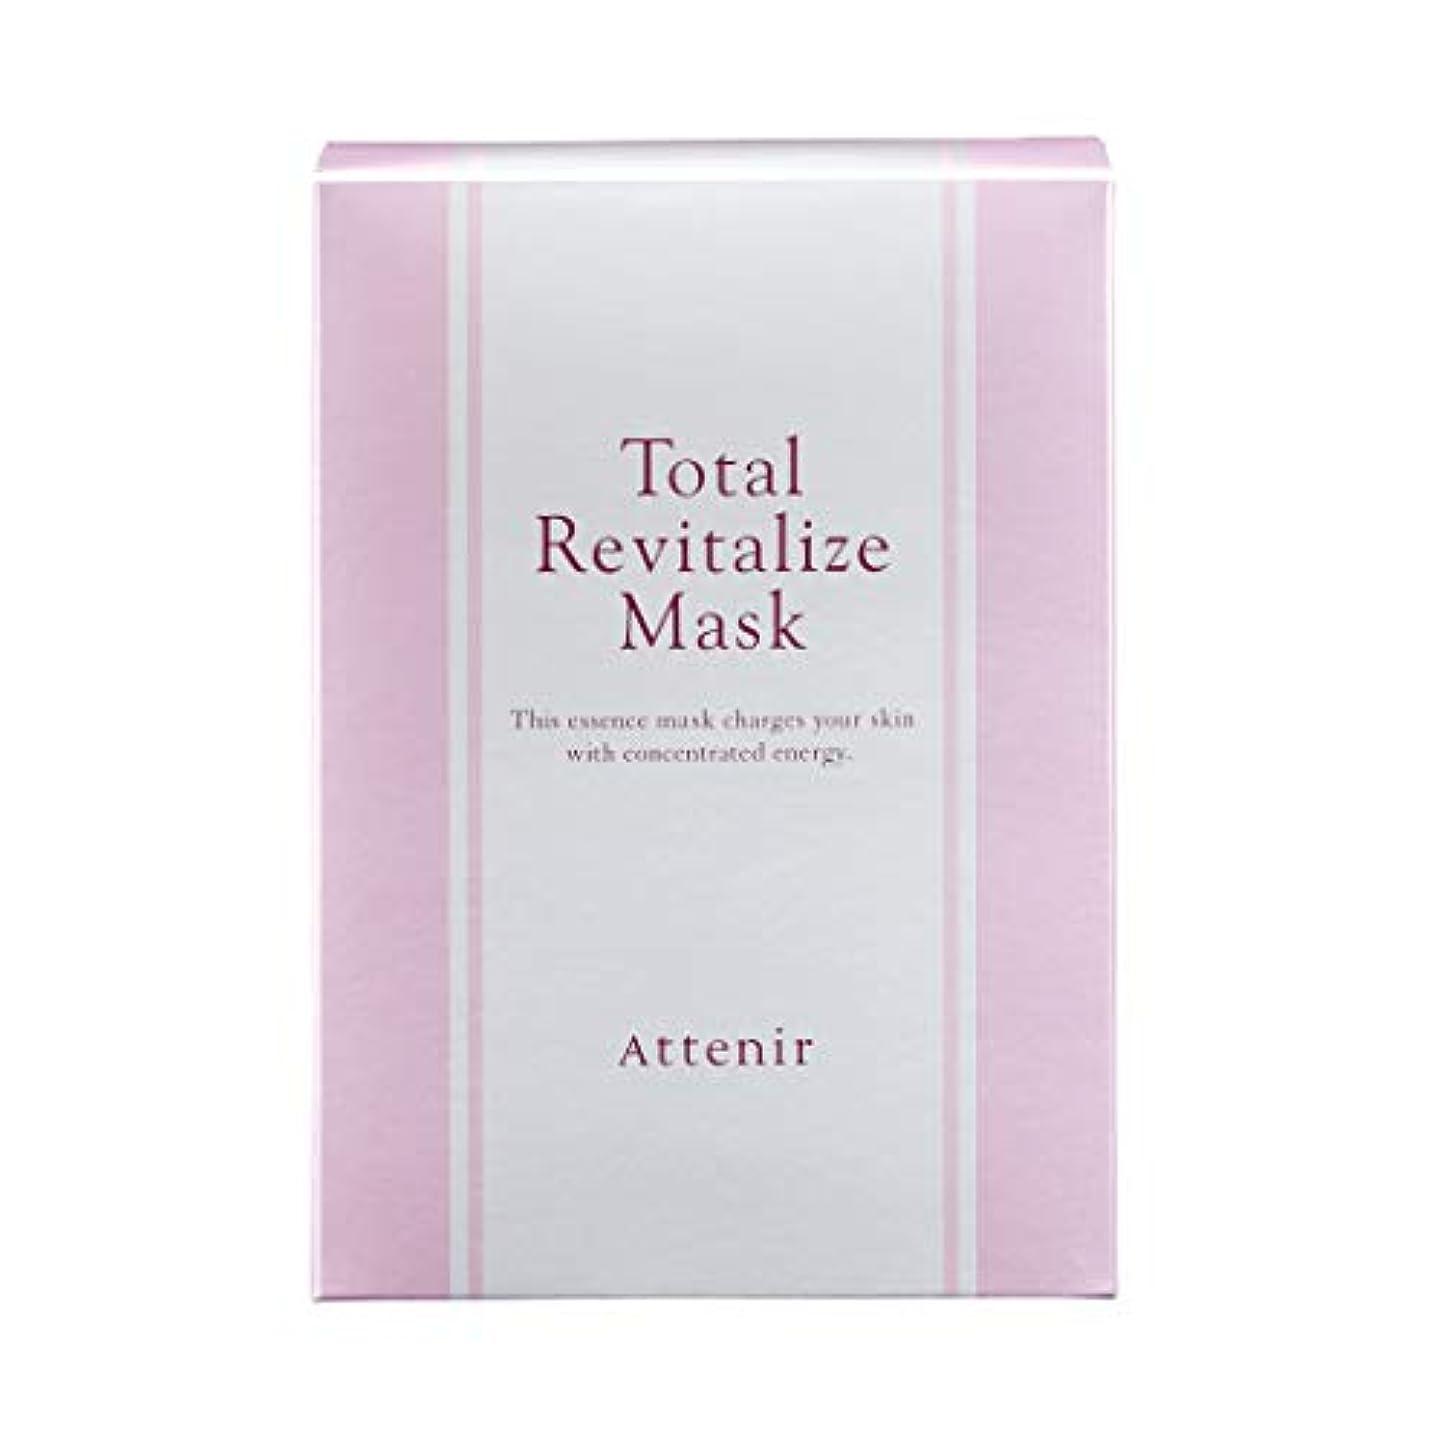 原点ダース妨げるアテニア トータルリヴァイタライズ マスク肌疲労ケアシートマスク 全顔用 6包入り フェイスパック